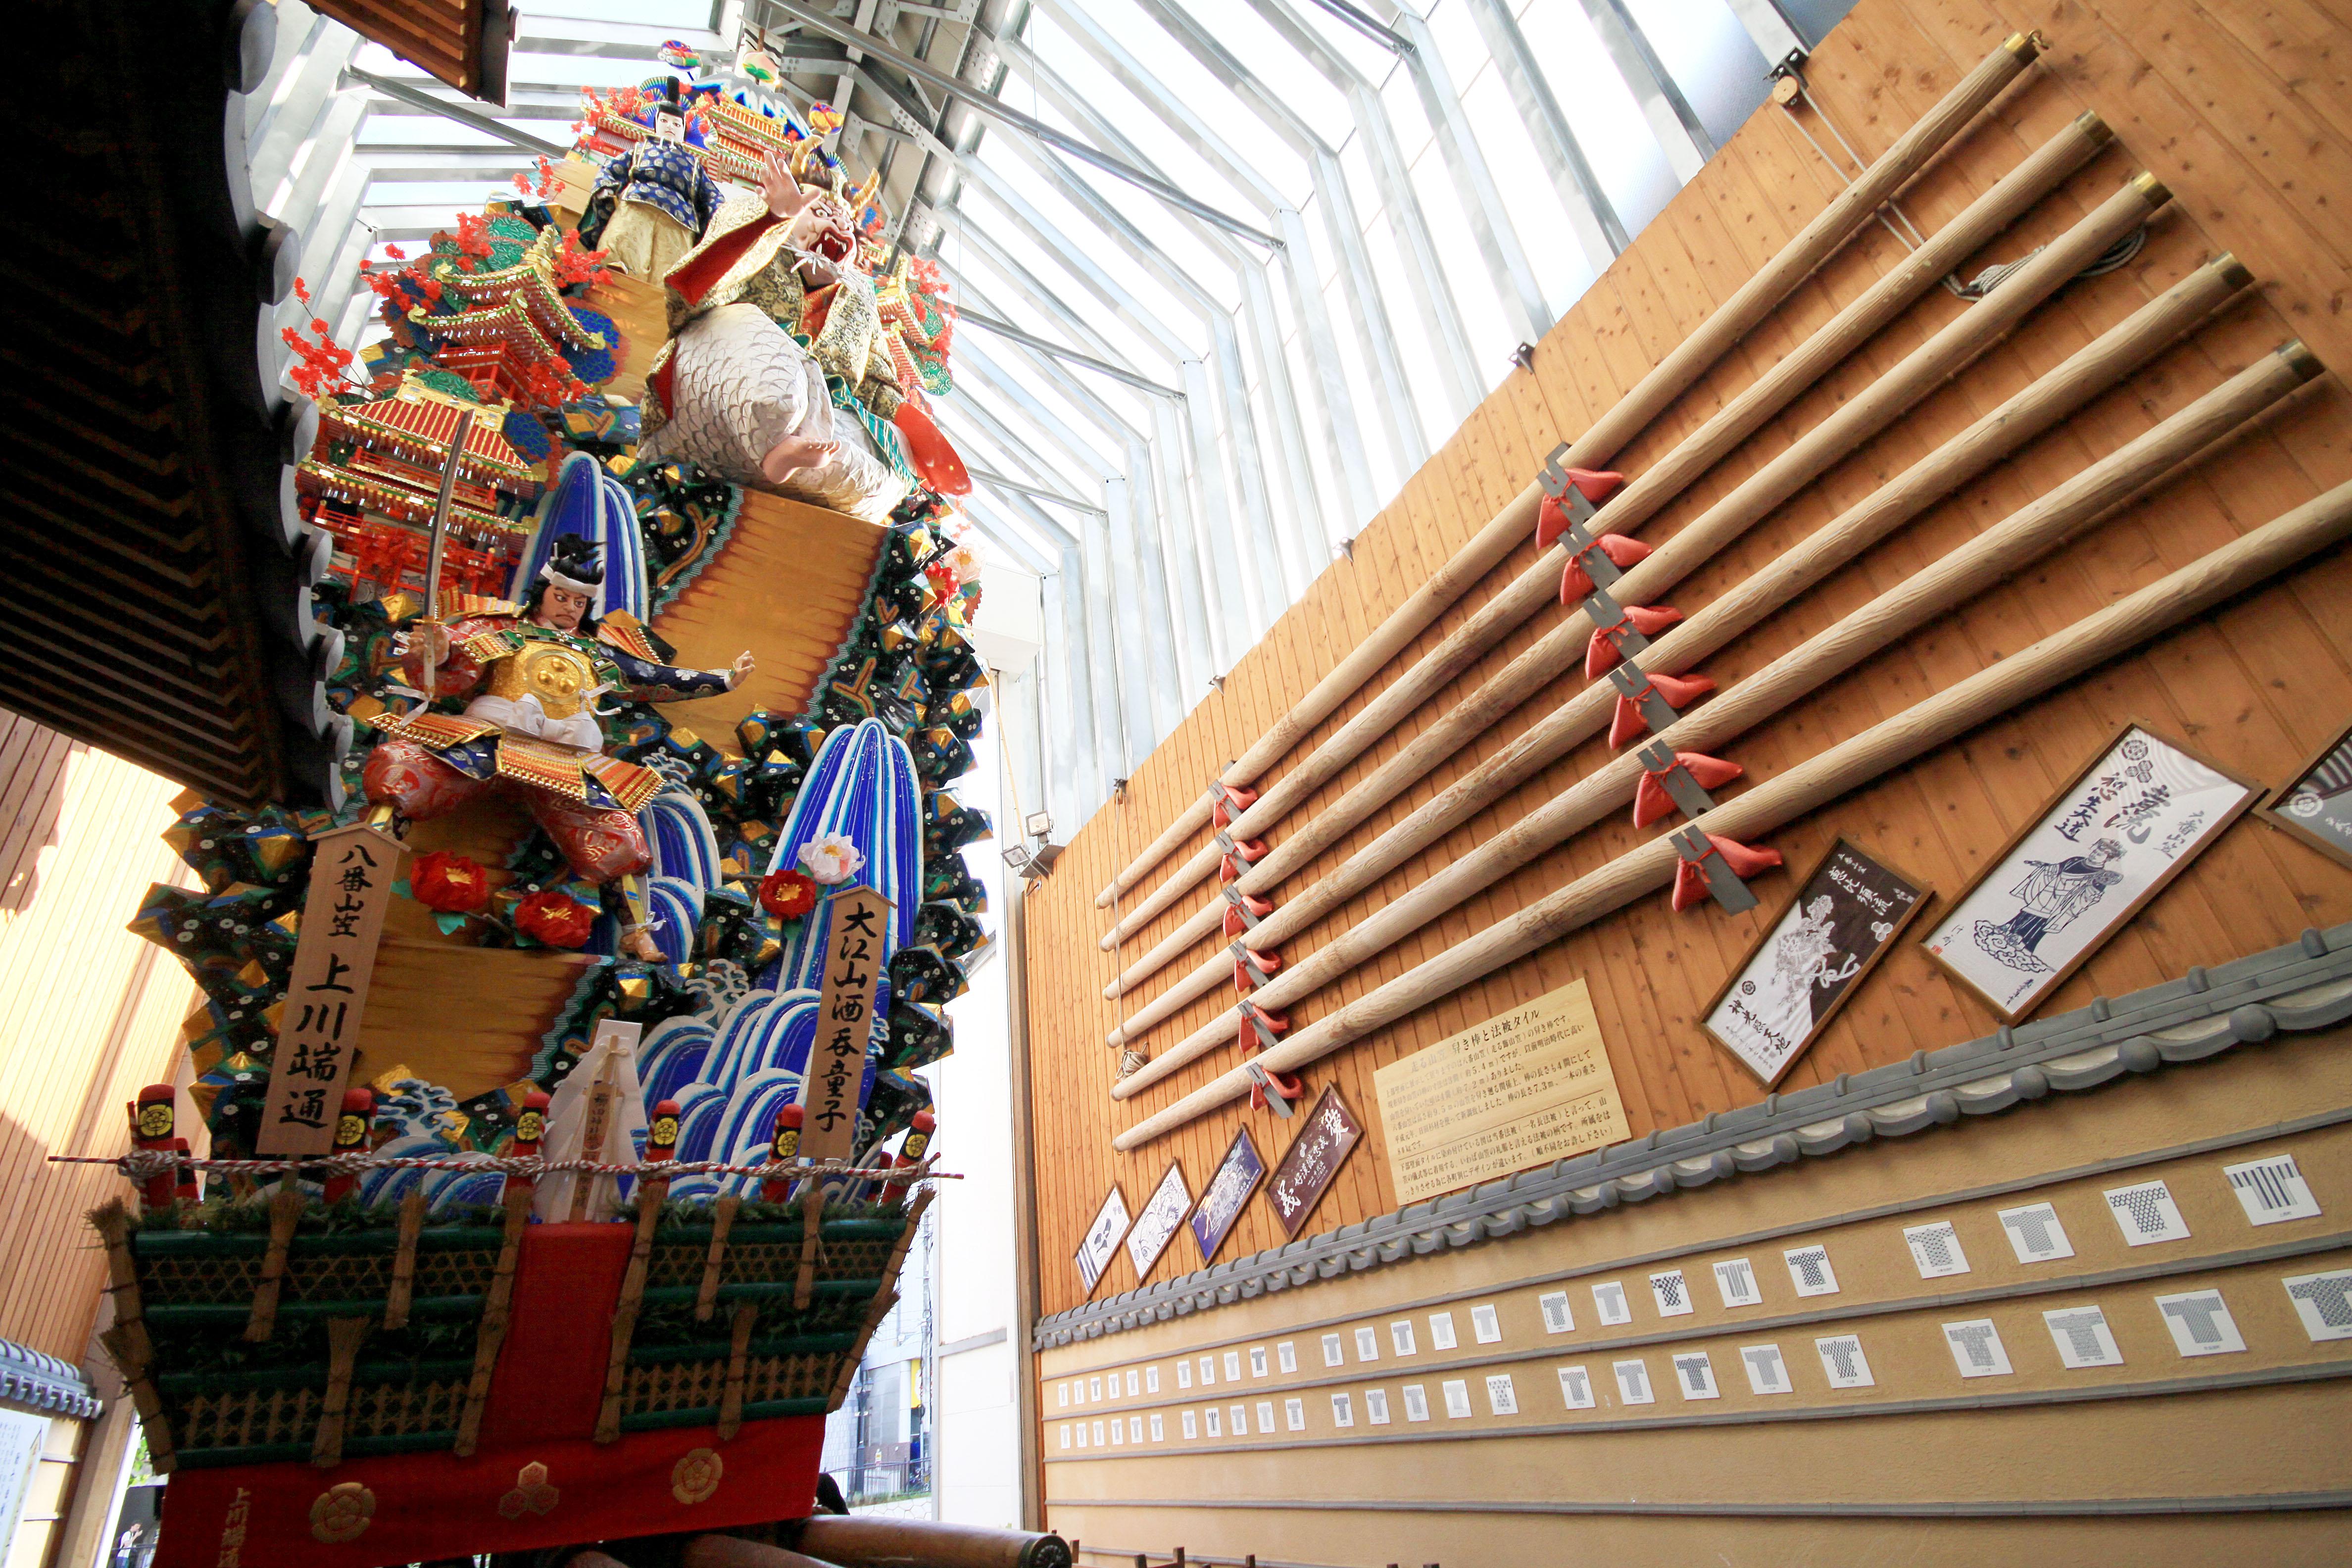 川端商店街(2009)の画像